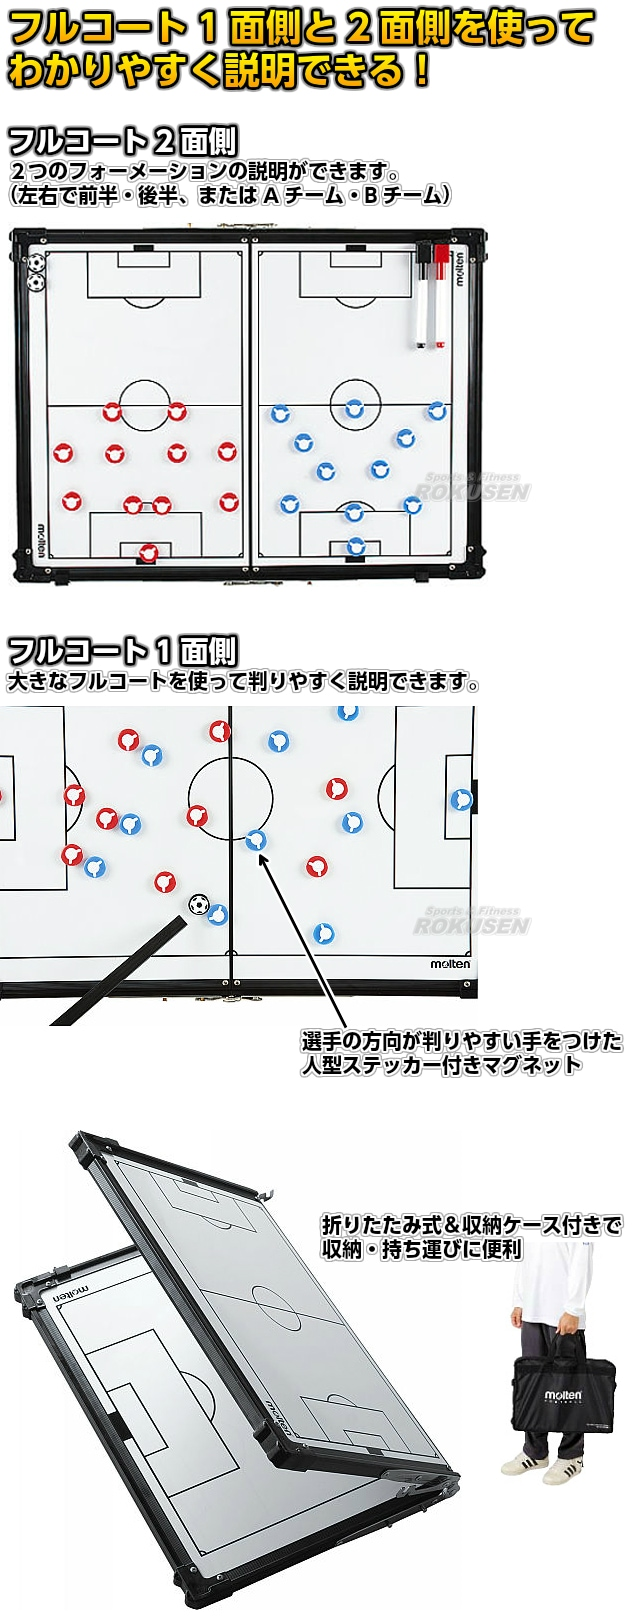 【モルテン・molten サッカー】折りたたみ式作戦盤 SF0070